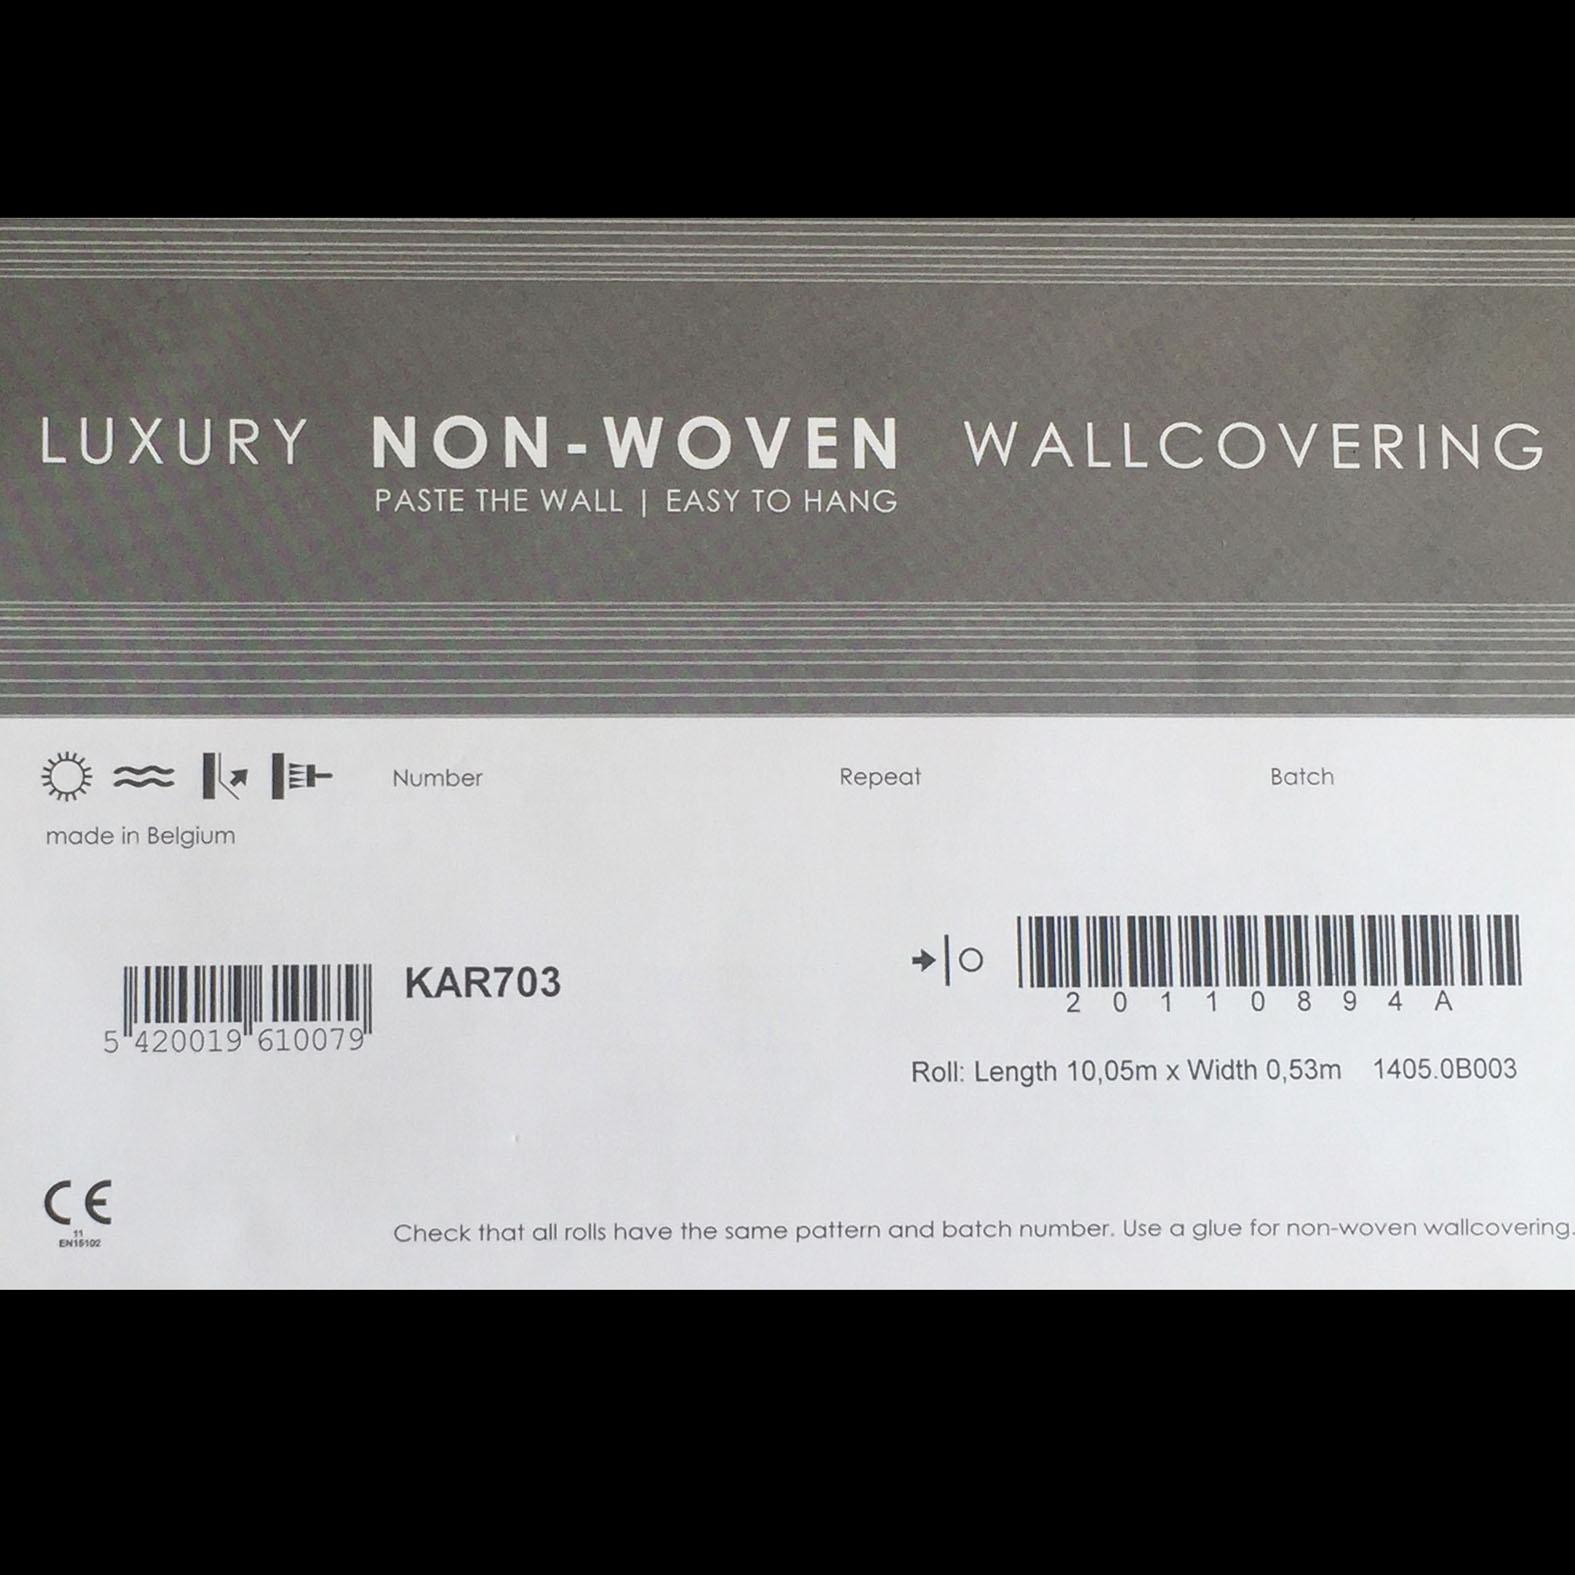 کاغذدیواری بلژیکی         کاغذدیواری نانو ون        کاغذدیواری قابل شستشو      تخفیف ویژه        کد کاغذدیواری 2558